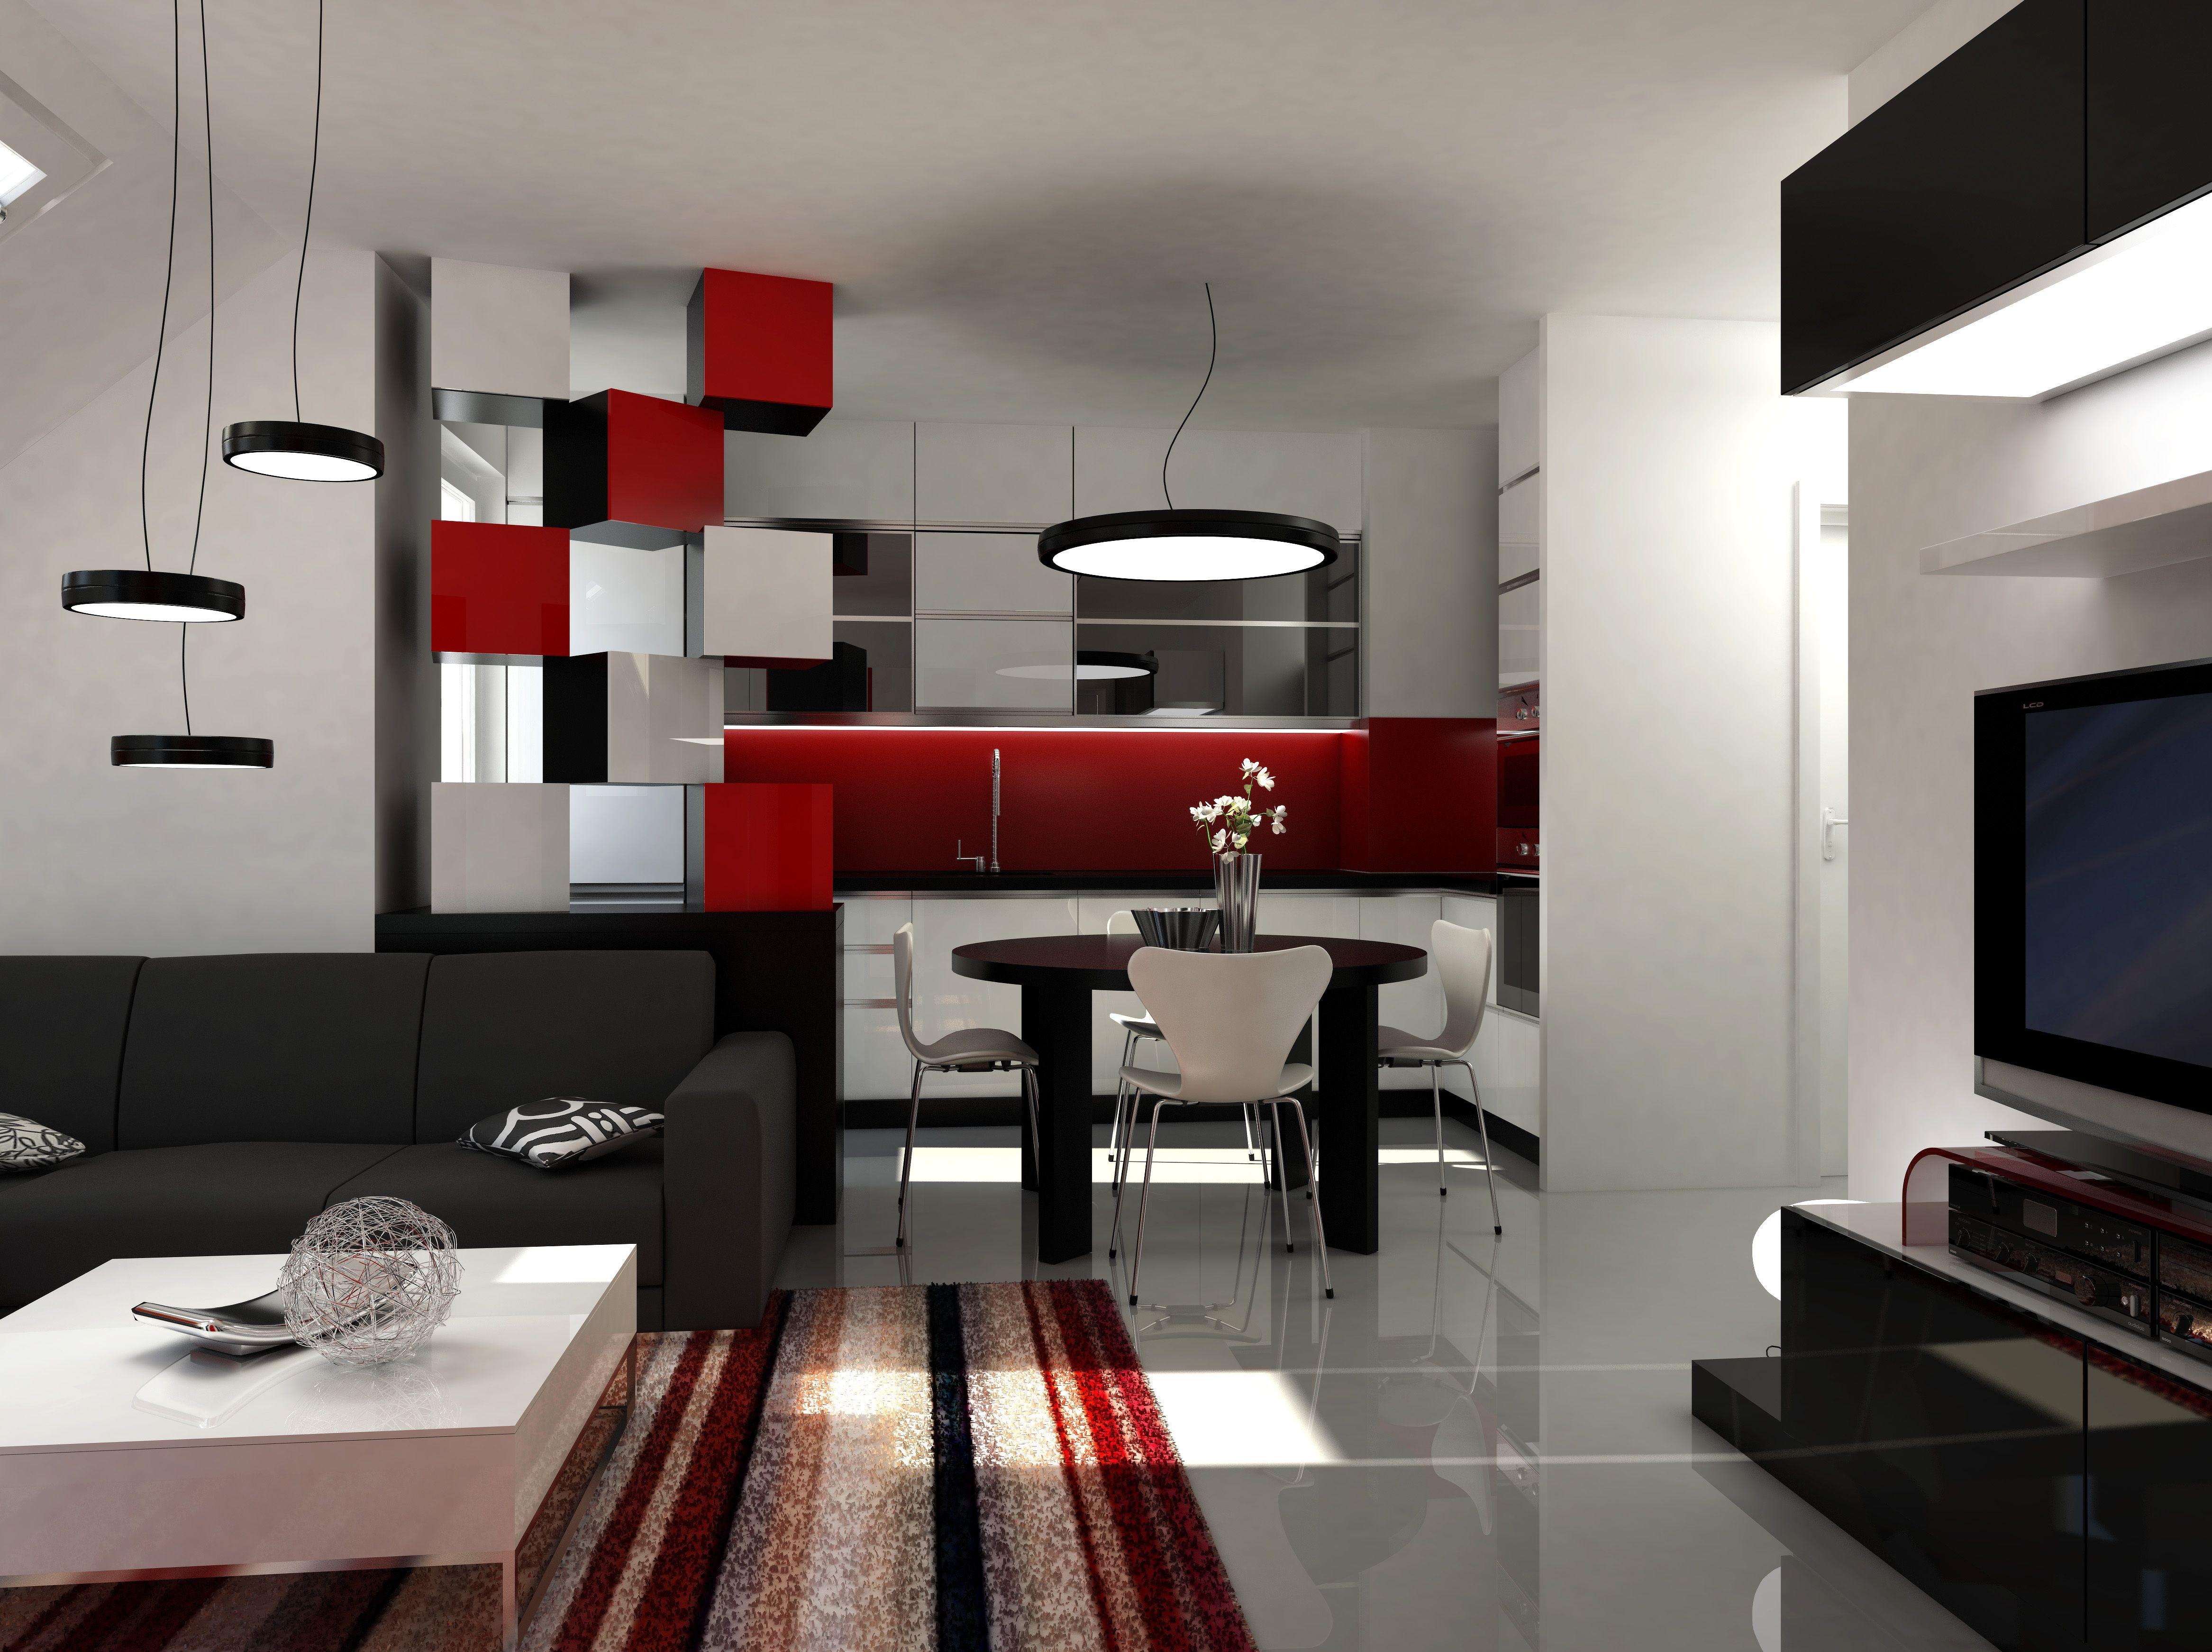 deko f r wohnzimmer in rot ideen zum streichen. Black Bedroom Furniture Sets. Home Design Ideas